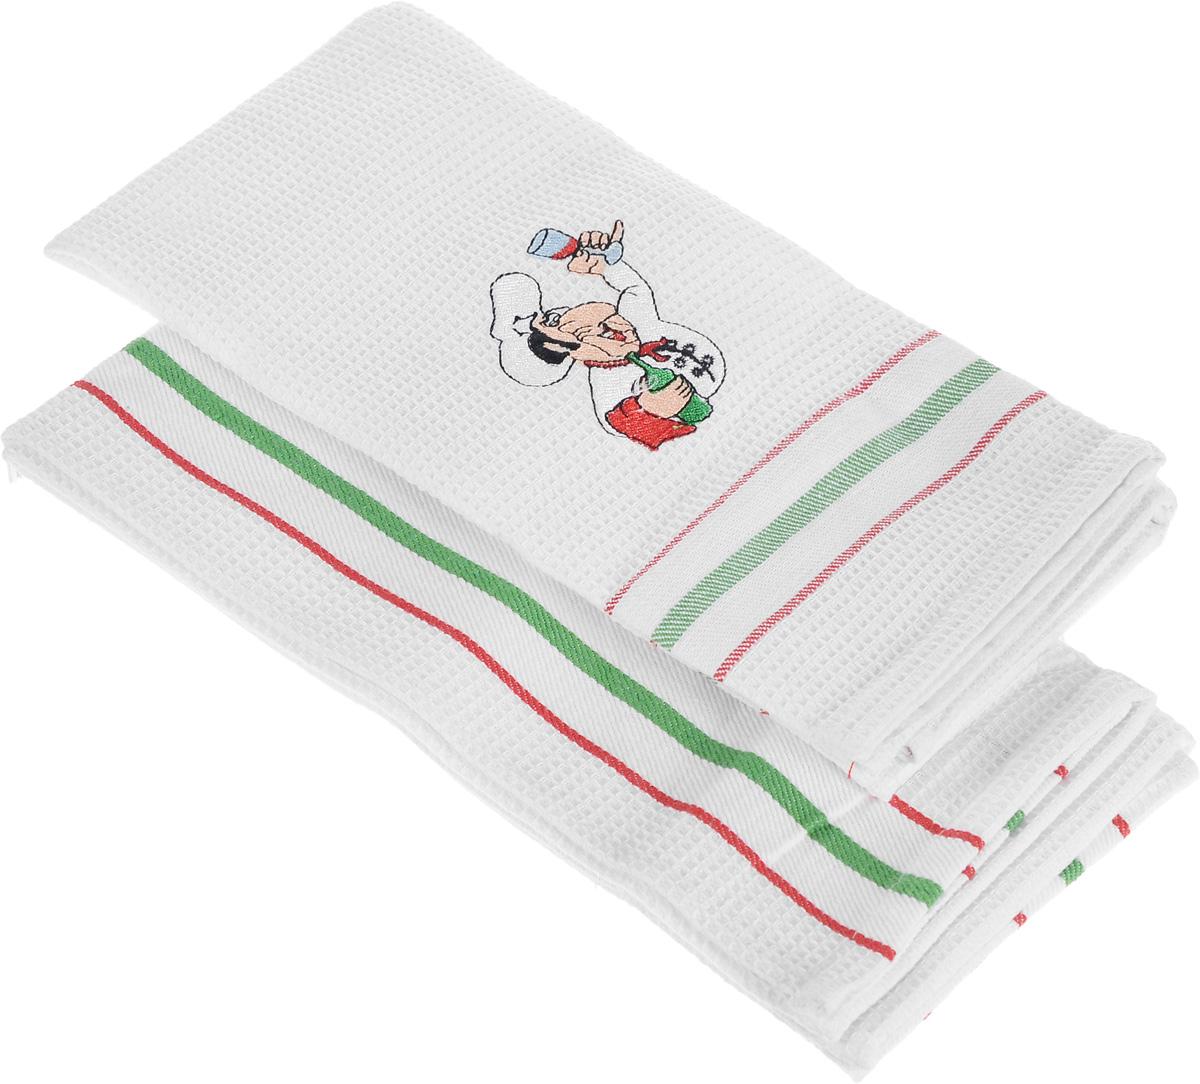 Набор кухонных полотенец Bon Appetit Italy. Towel, цвет: красный, 2 шт